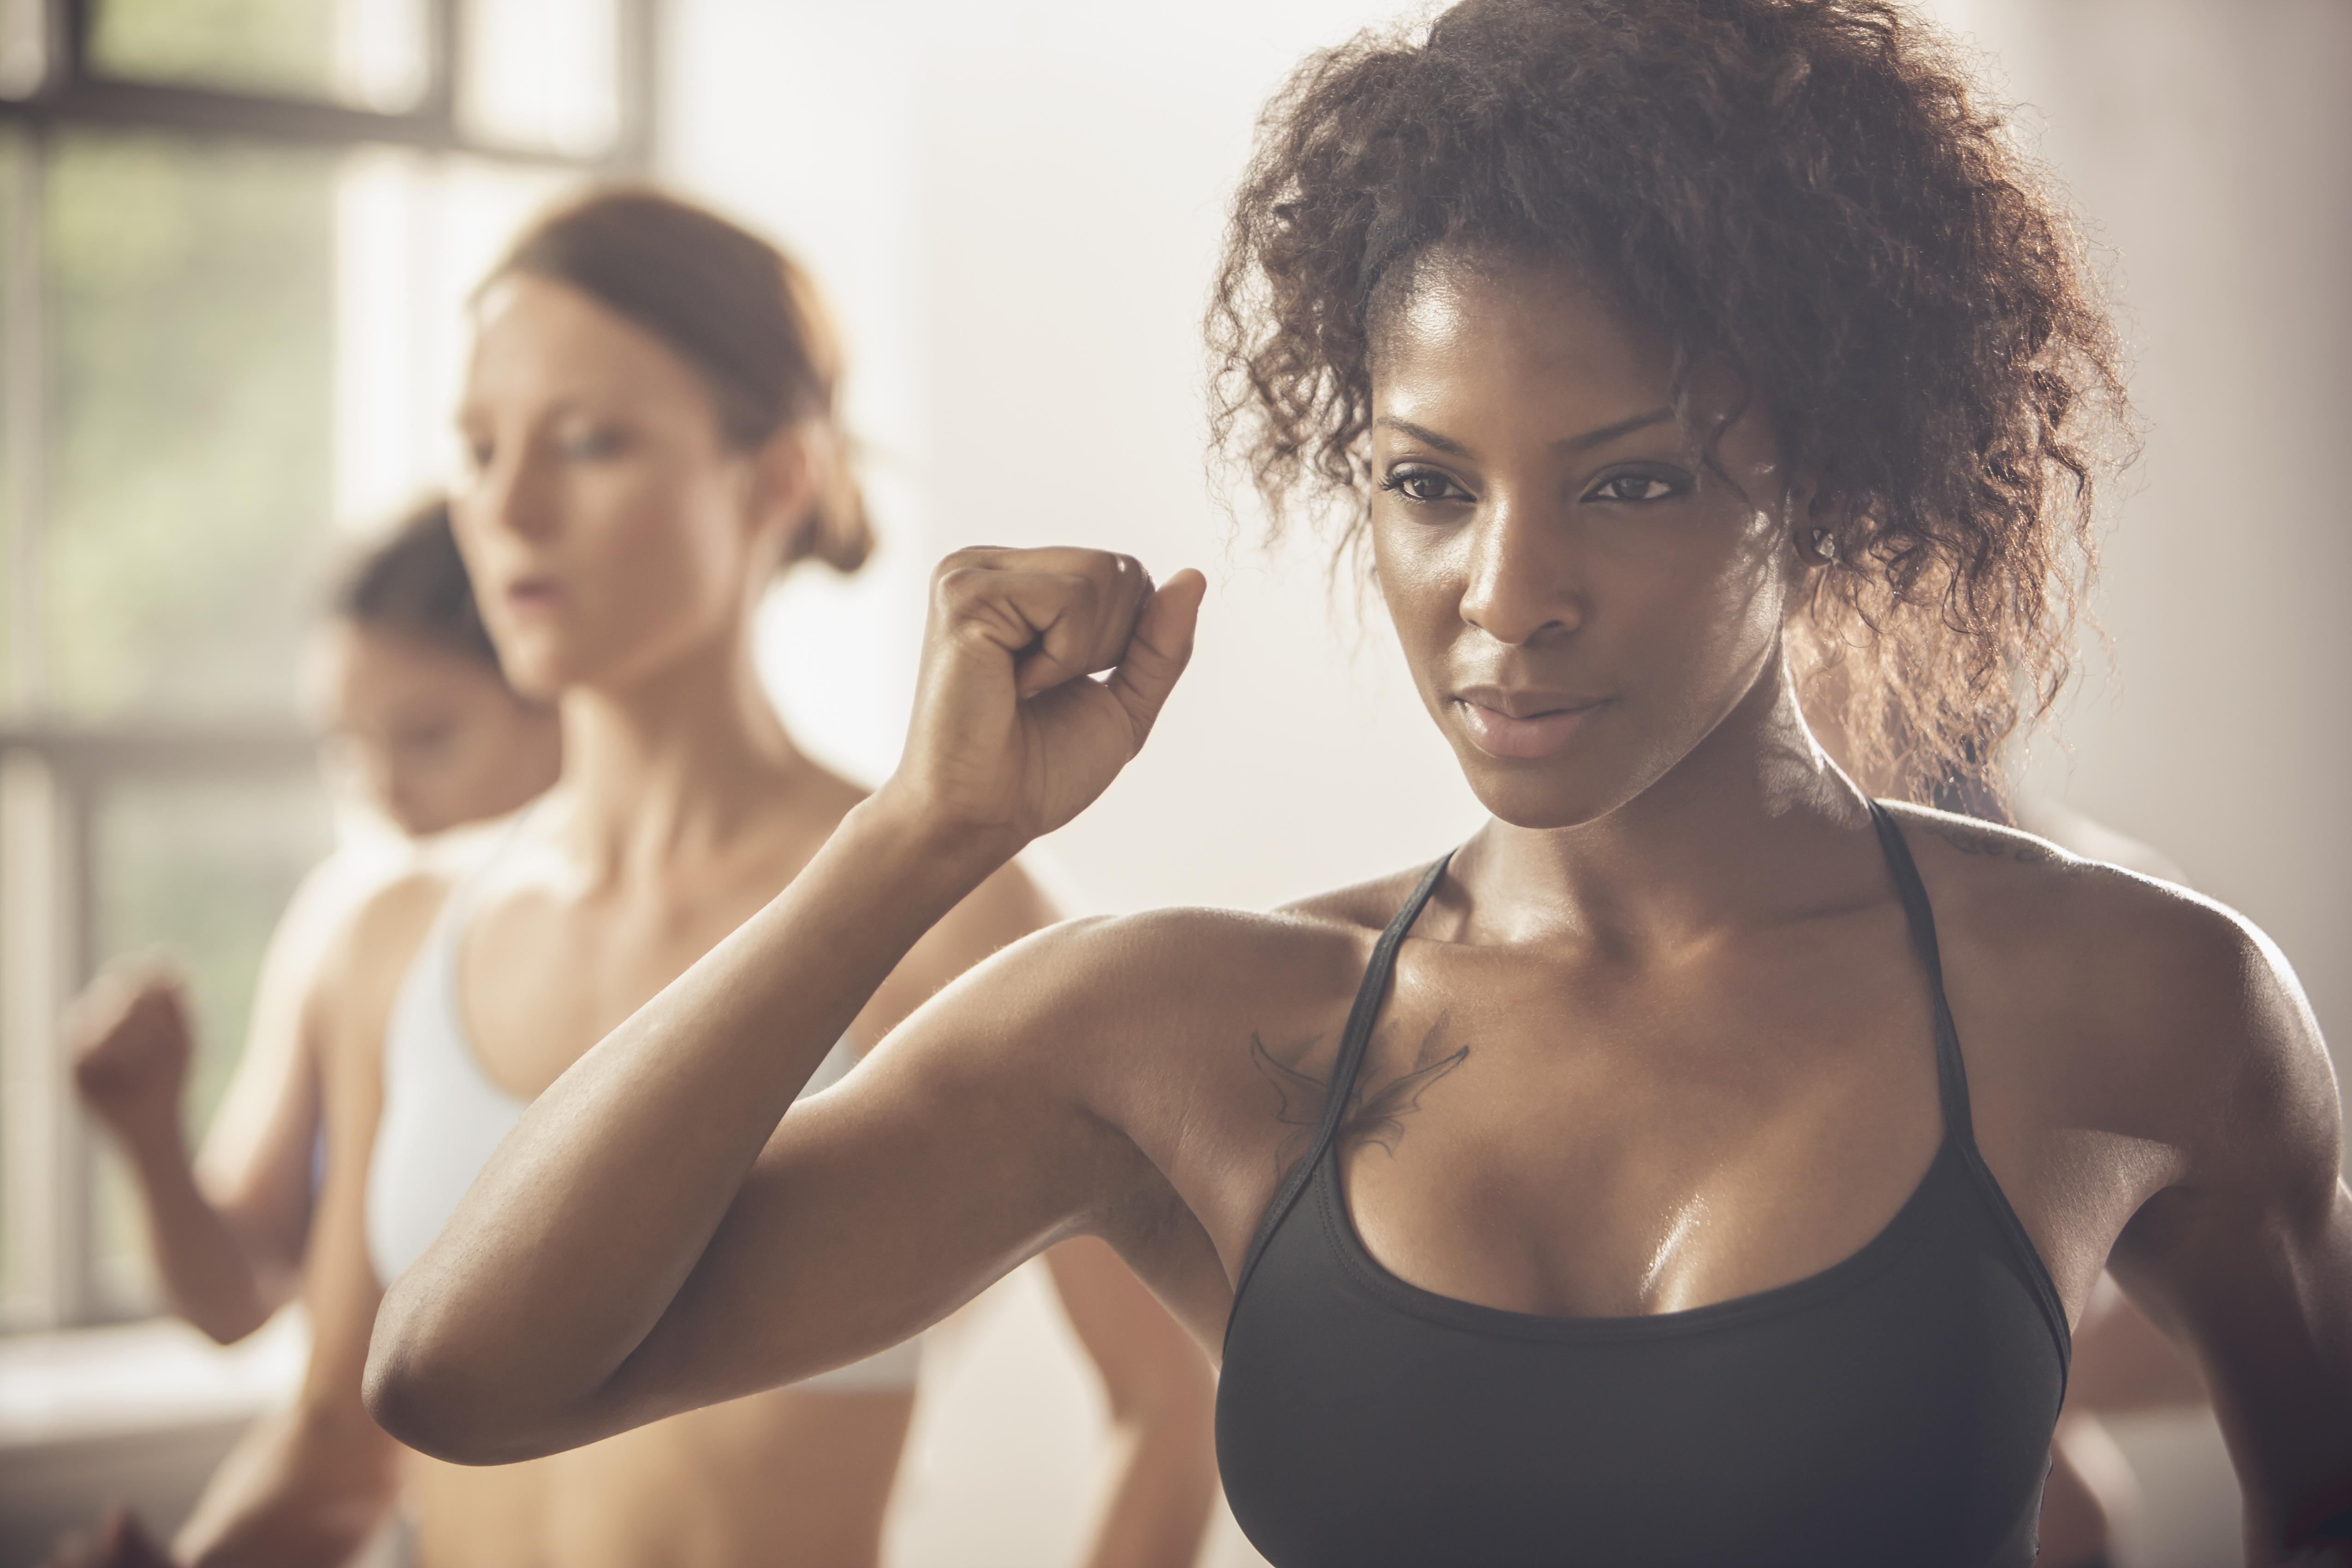 Gyakorlatok gyors karok elvégzésére. Súlycsökkenés a nyers sonkától a gyógyított szerranoig